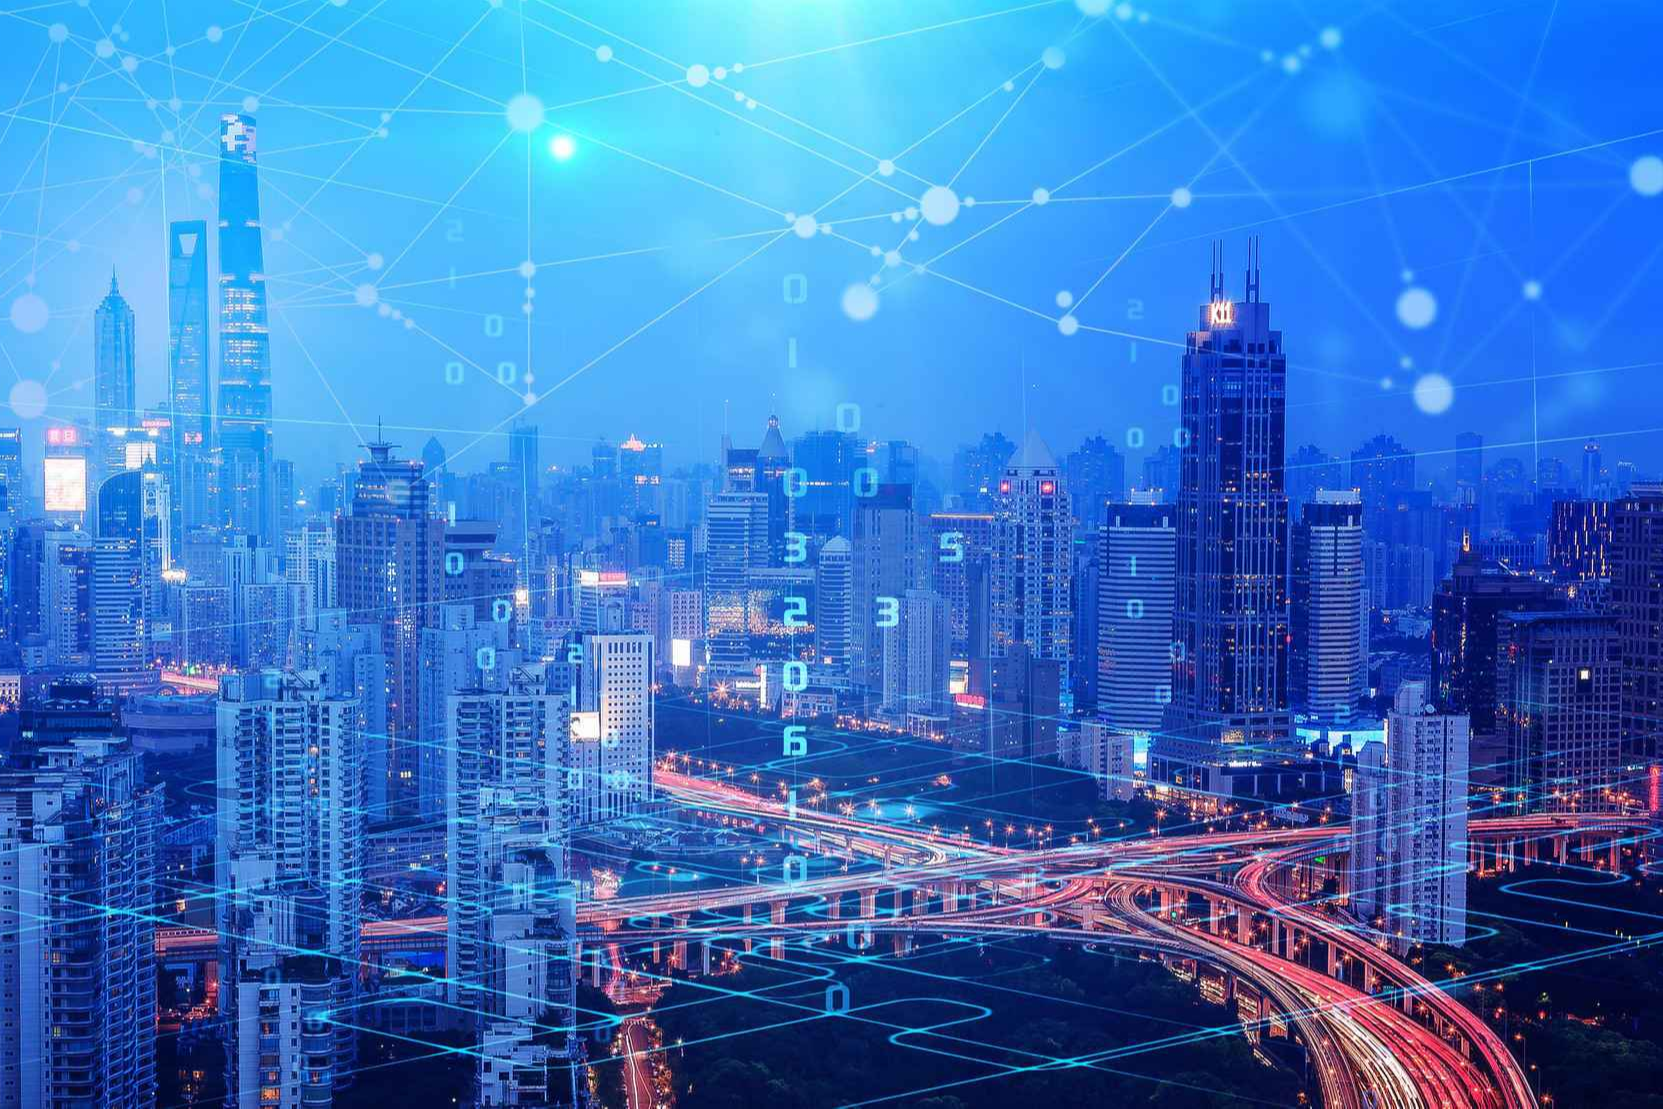 趣链科技、数据、区块链、趣链科技、趣链、分布式数据协作网络、BitXMesh、数据孤岛、联邦计算、技术、数据共享